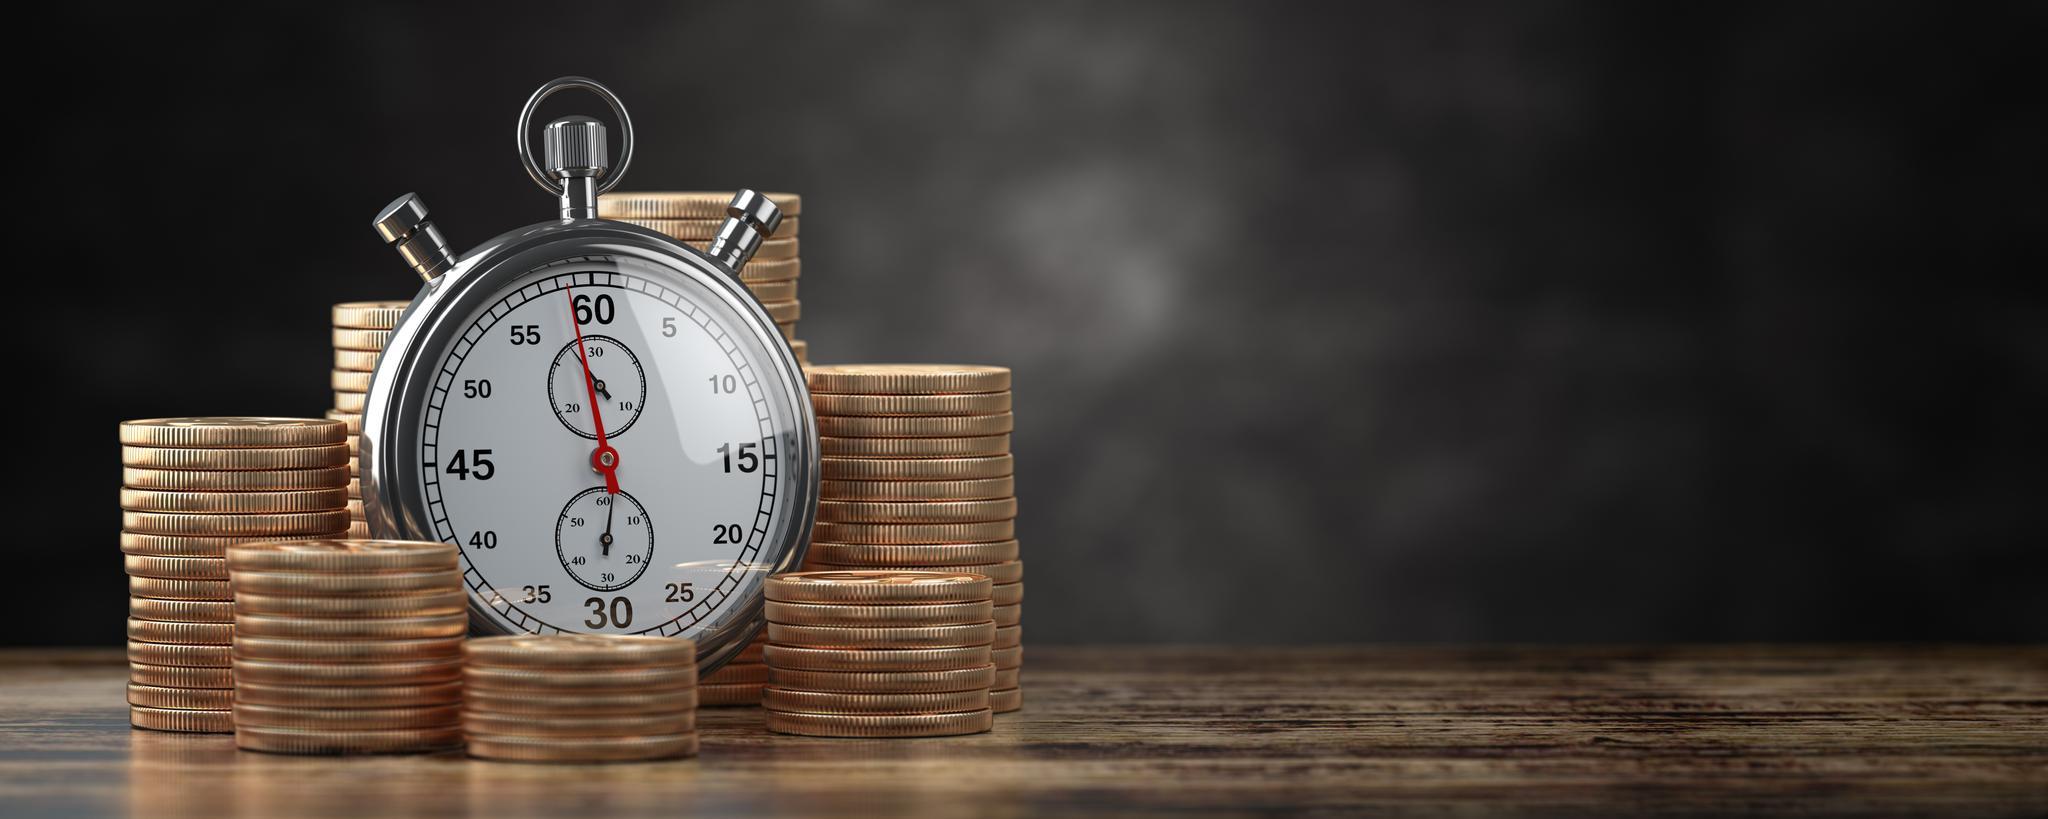 Stoppuhr zwischen aufgestapelten Münzen